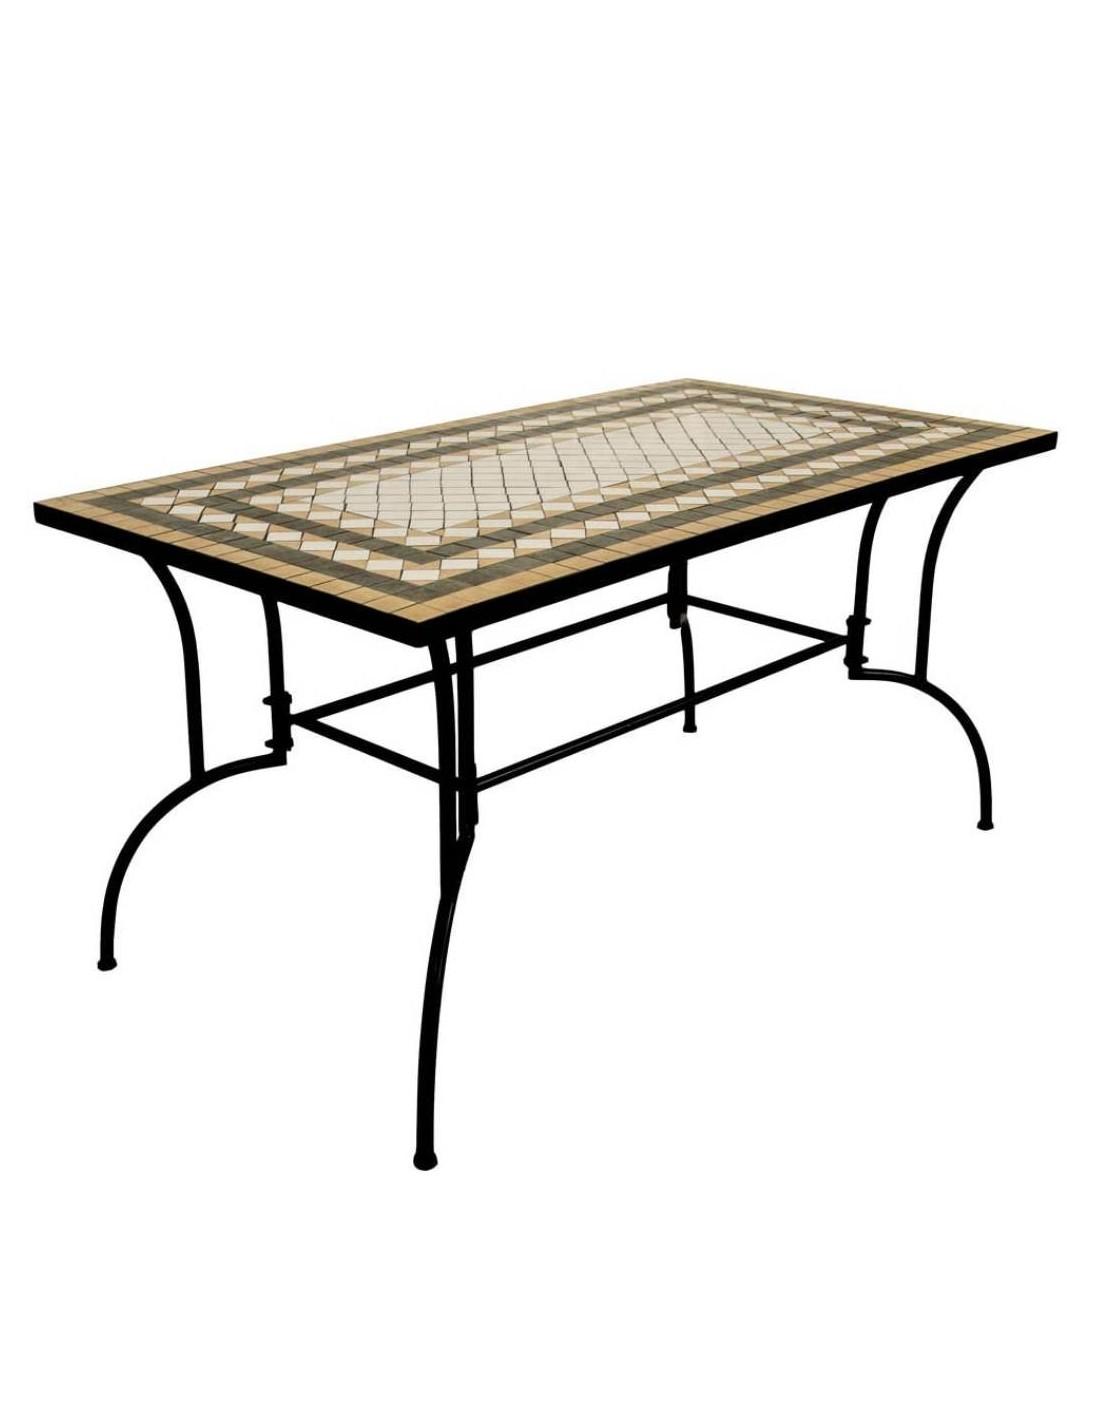 Tavoli In Metallo Per Esterno.Tavolo In Metallo Per Esterno 150 X 80 Cm Con Decorazione Mosaico